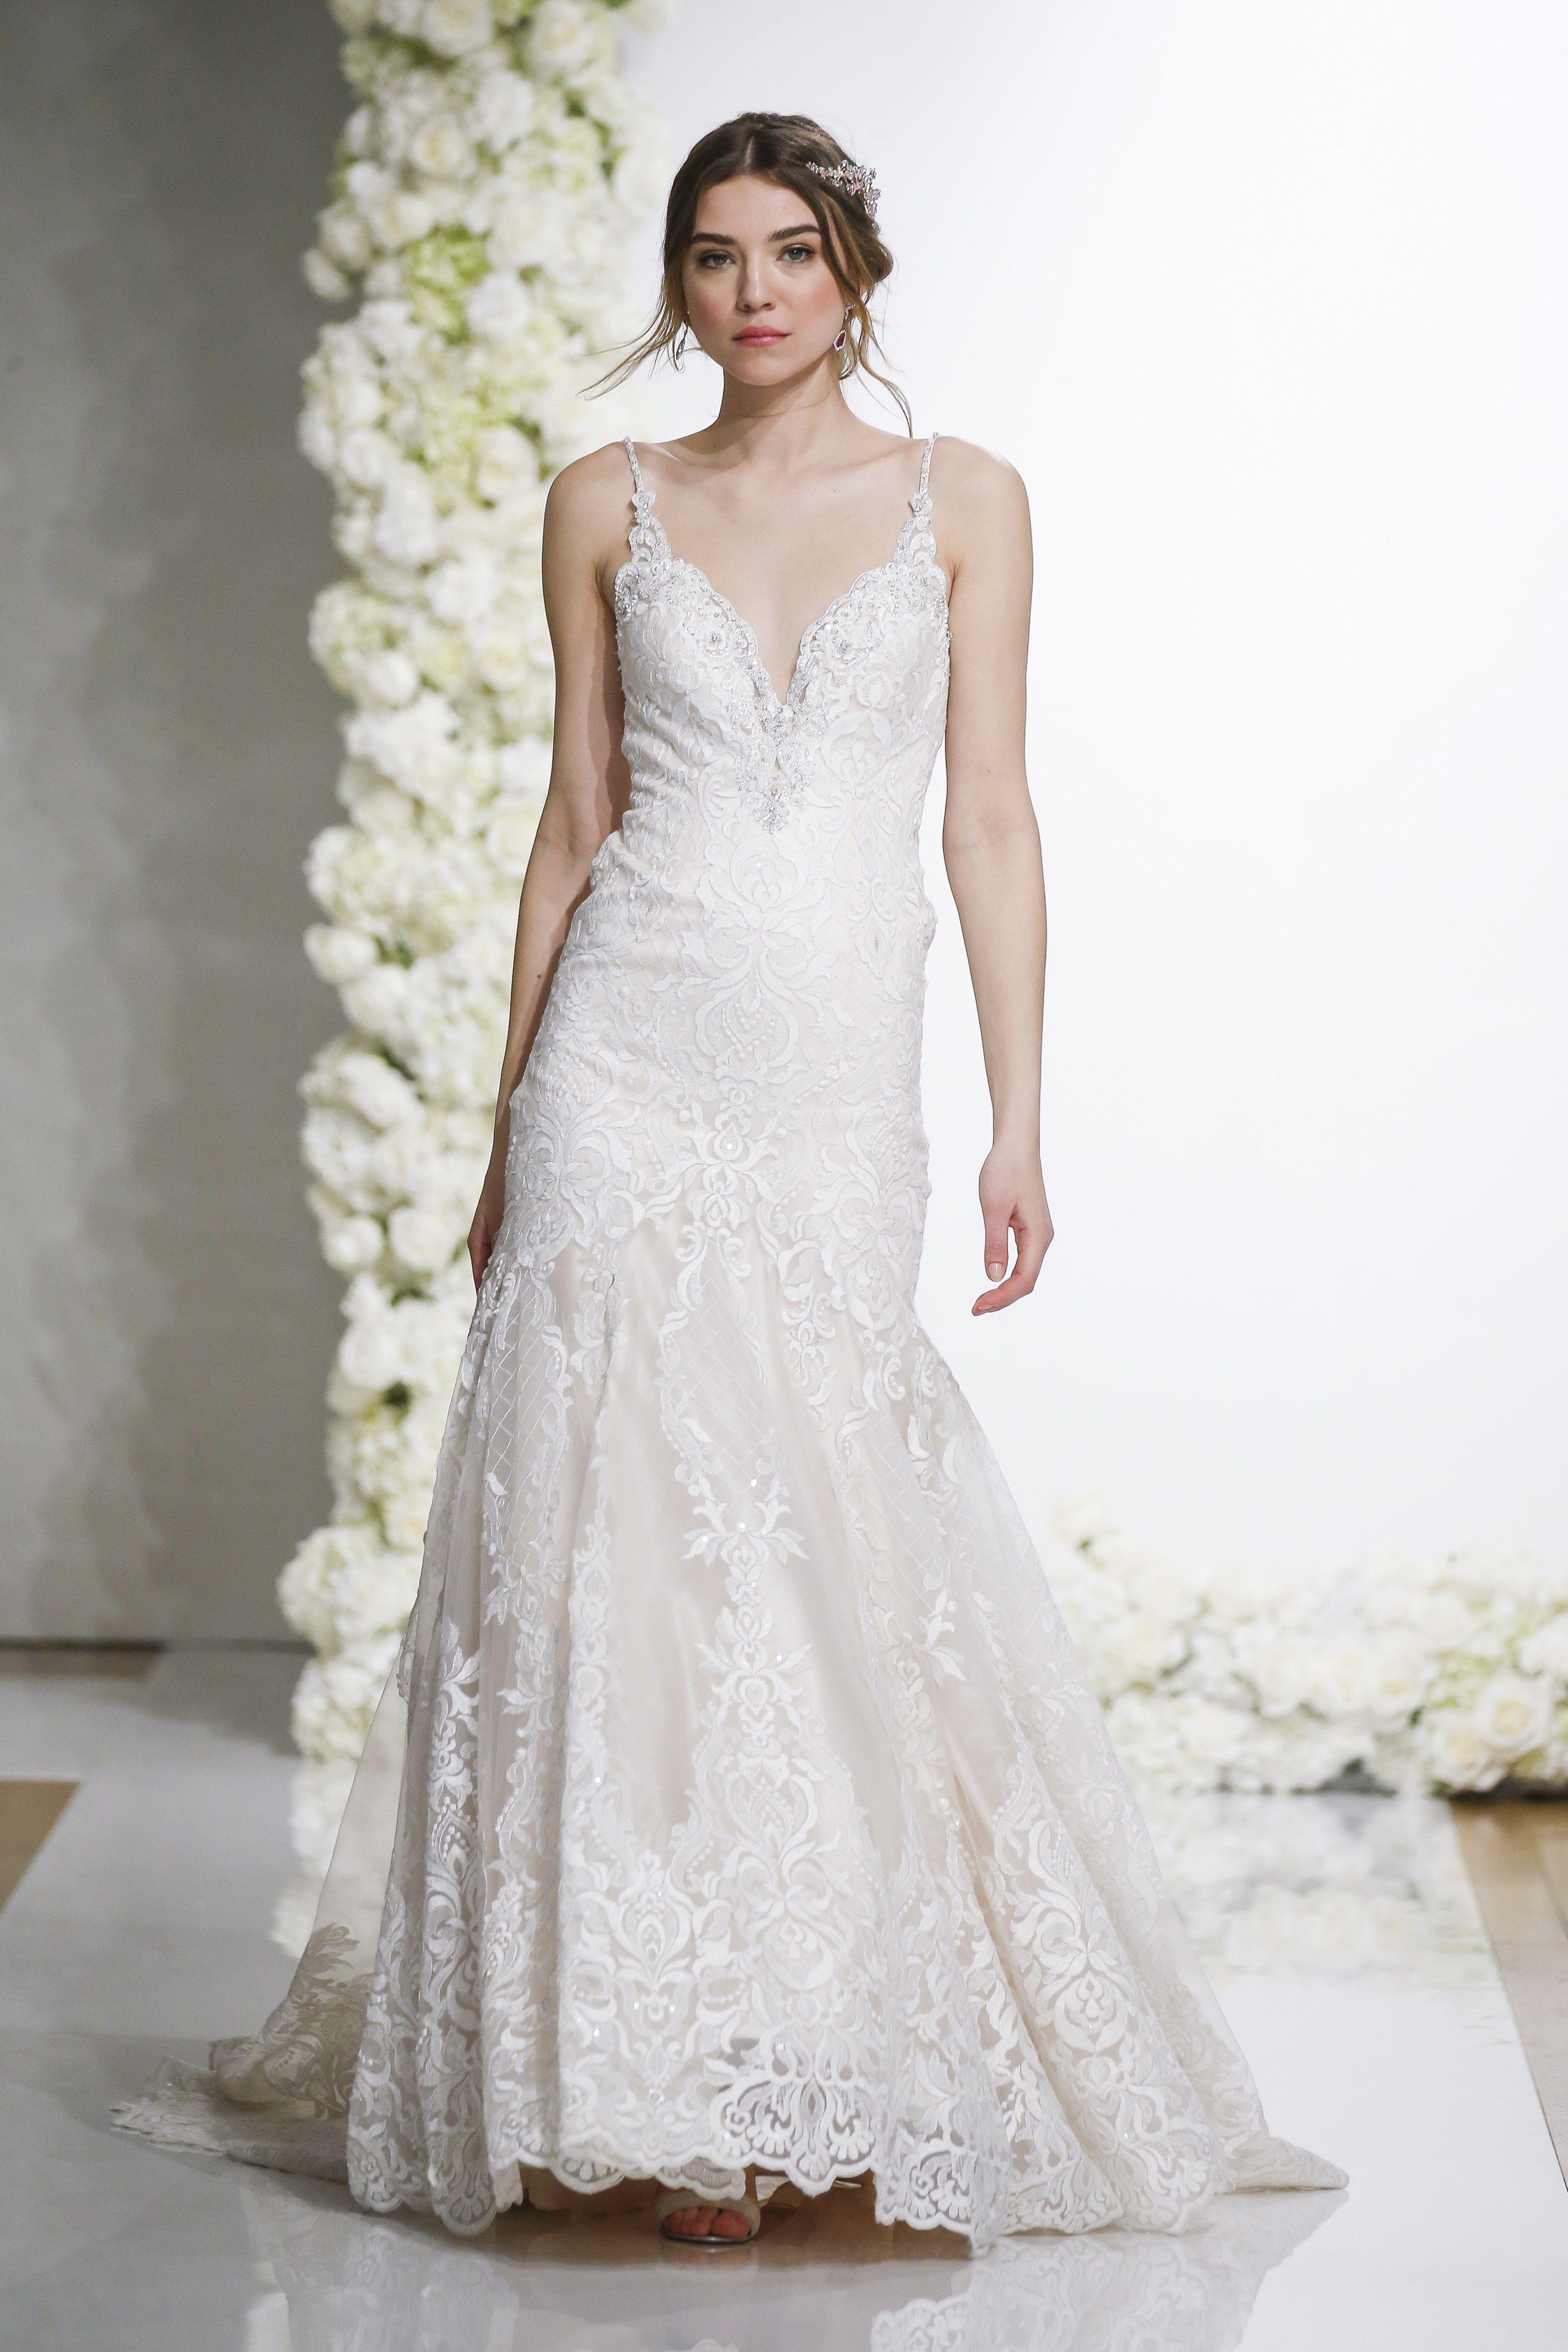 de57c62e793 Morilee by Madeline Gardner Bridal   Wedding Dress Collection Spring 2019